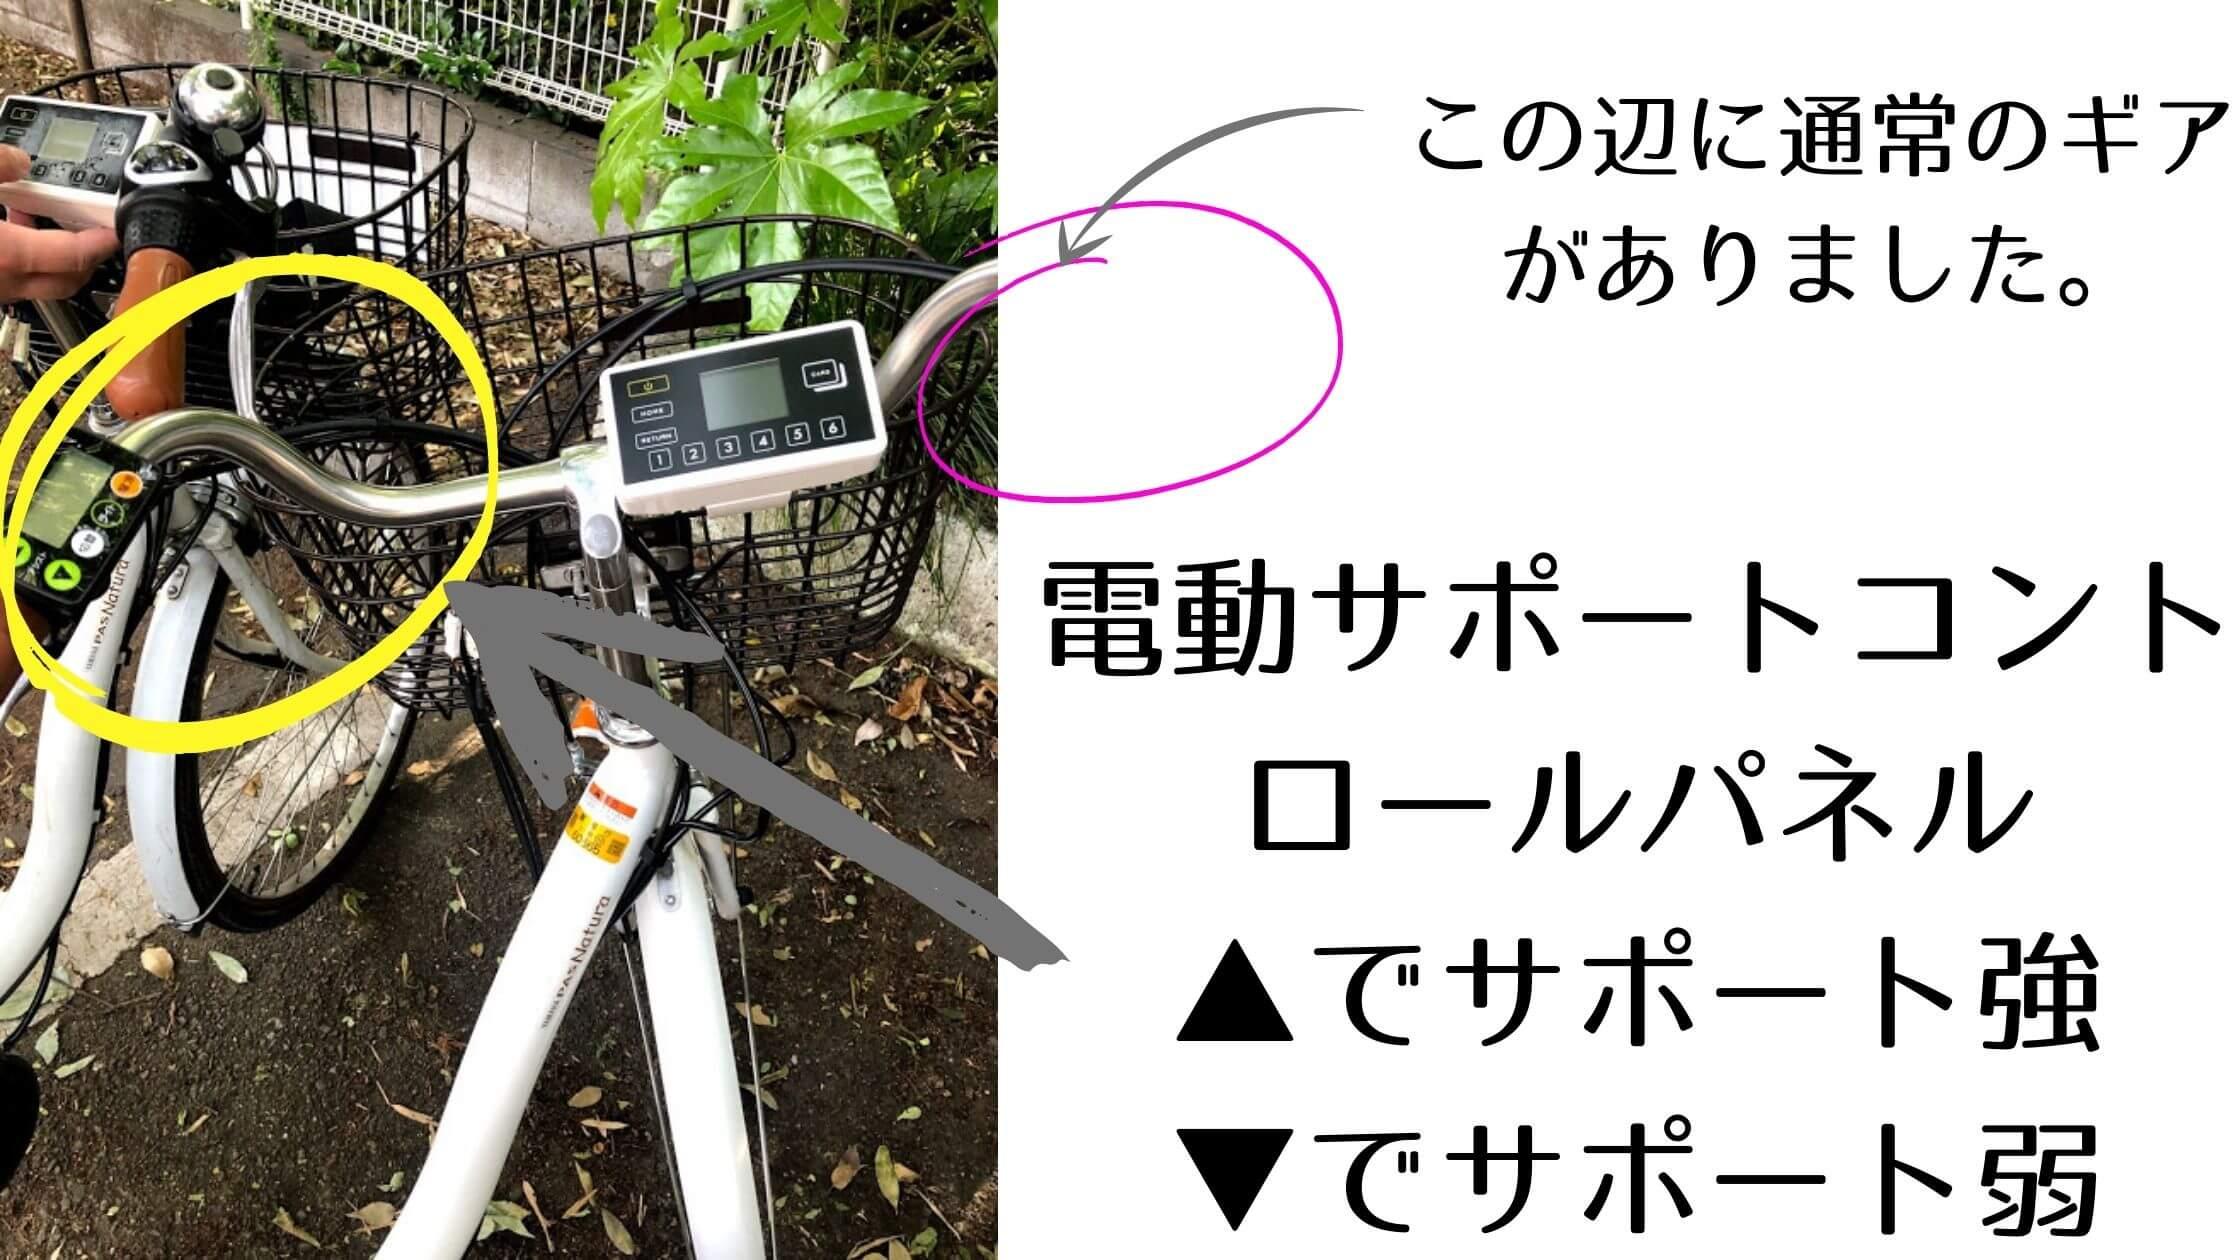 通常のギアと電動サポートコントロールパネルの写真